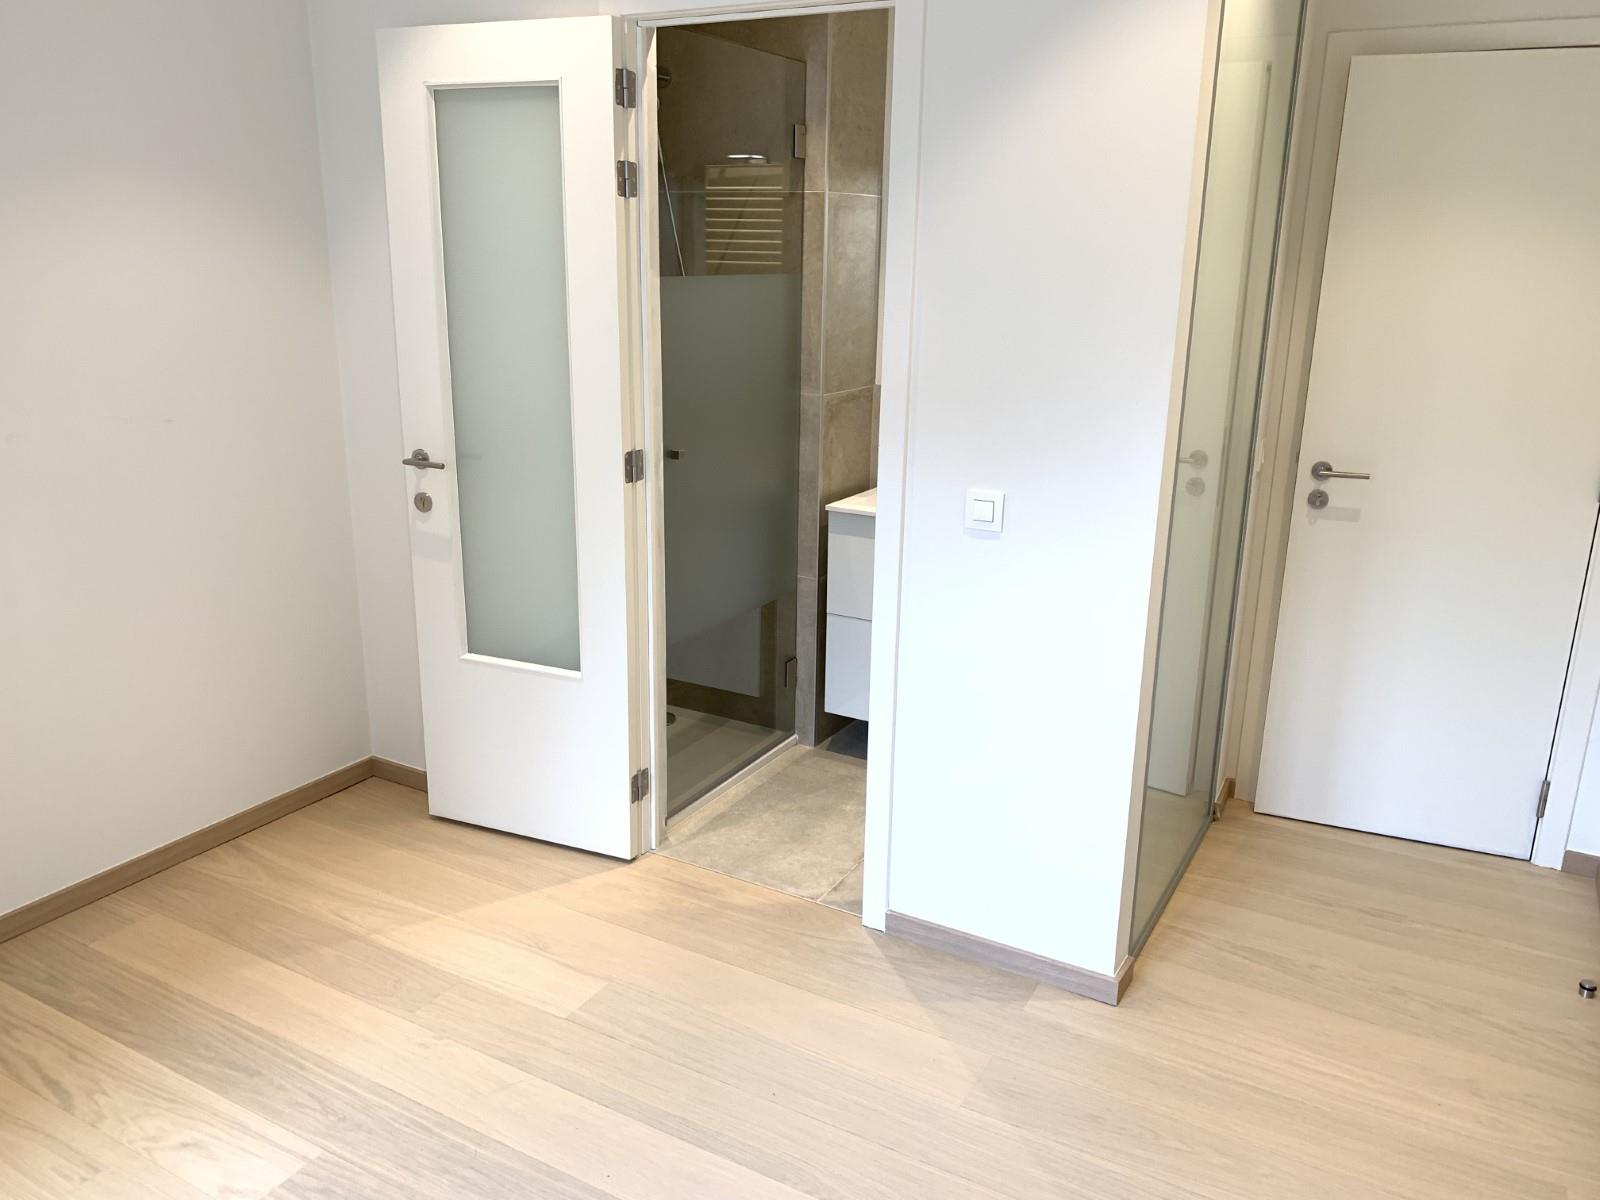 Appartement exceptionnel - Ixelles - #3929627-11